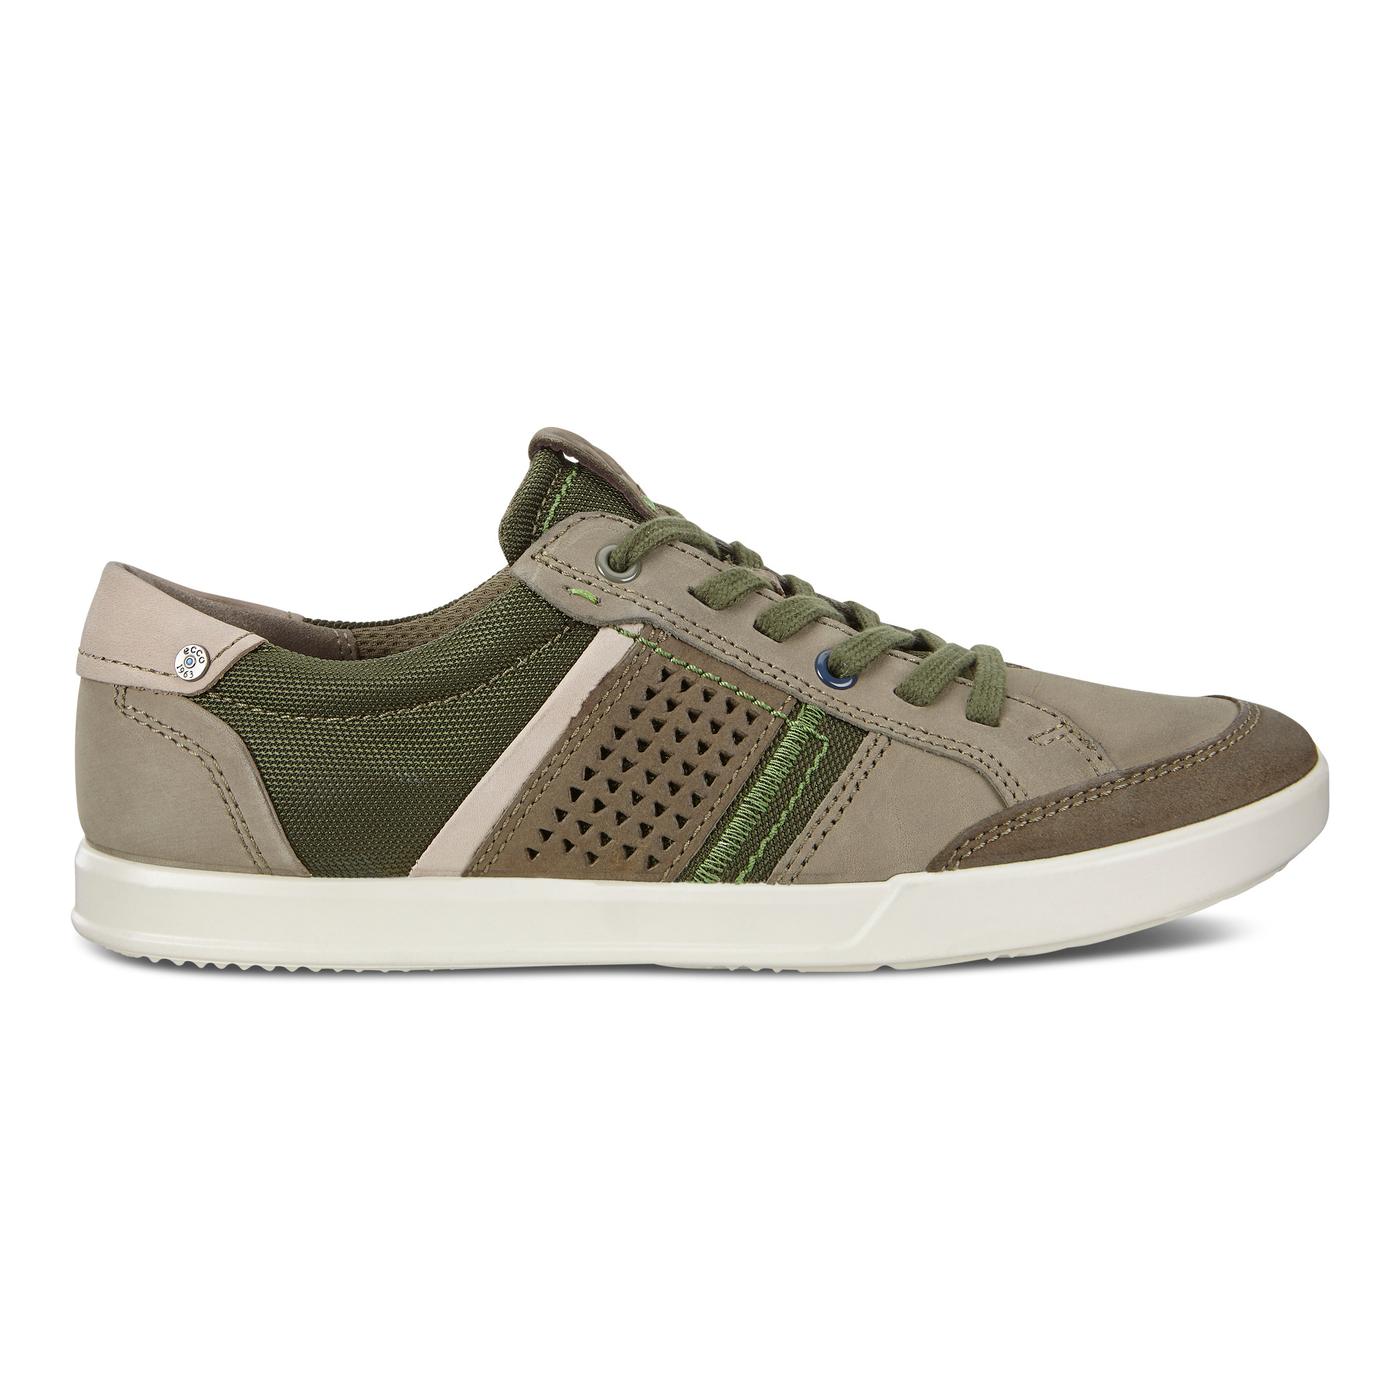 97f2e54b52 ... ECCO Collin 2.0 Sneaker